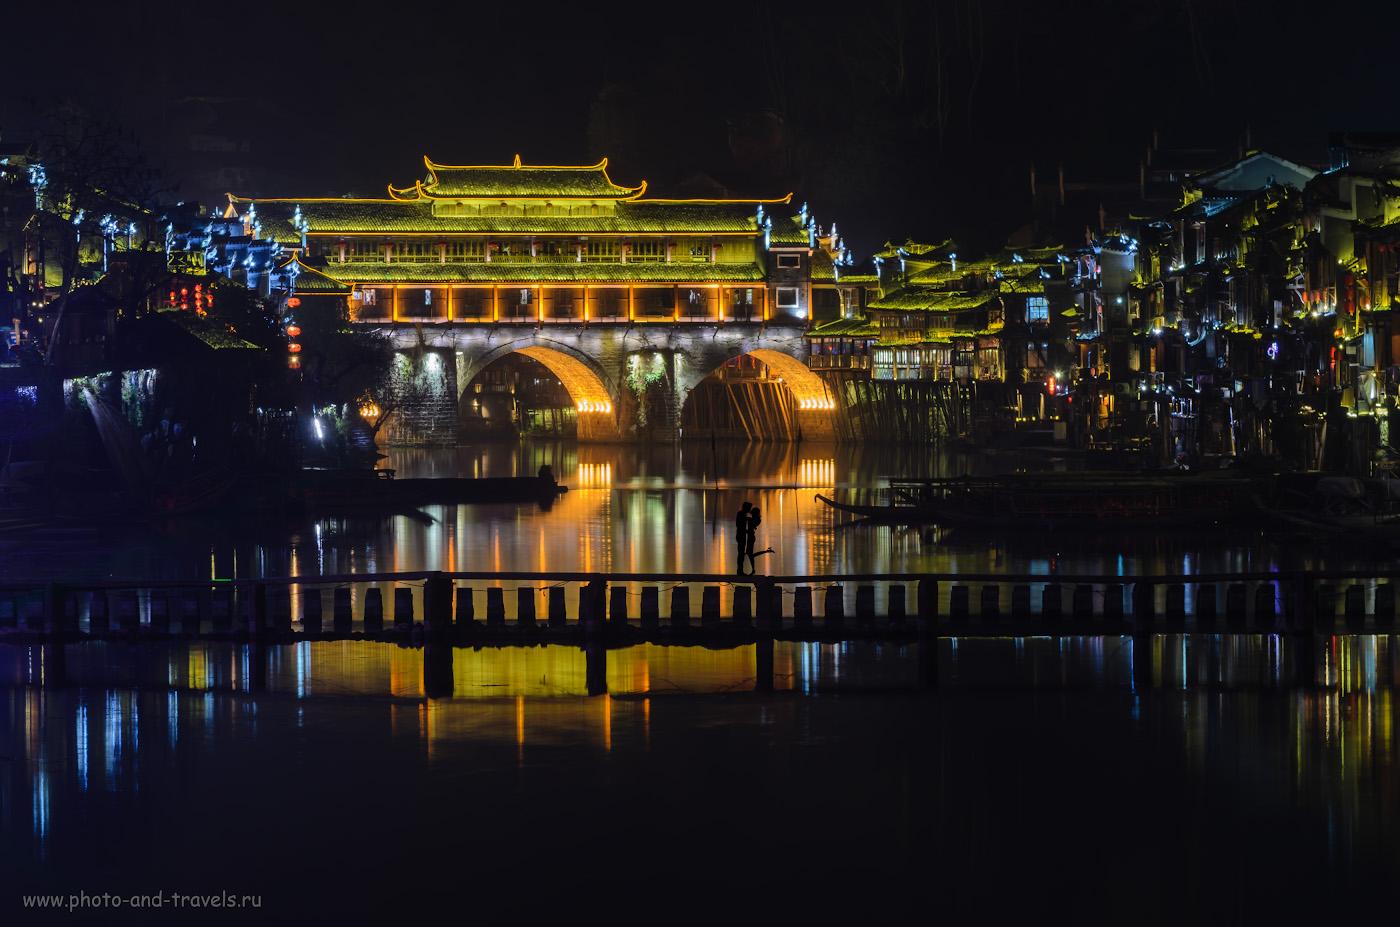 16. Мост радуги (Hong Qiao) в городе Фенхуан (Fenghuang) в Китае. Что посмотреть и как добраться на общественном транспорте. 10, 11.0, 100, 125.